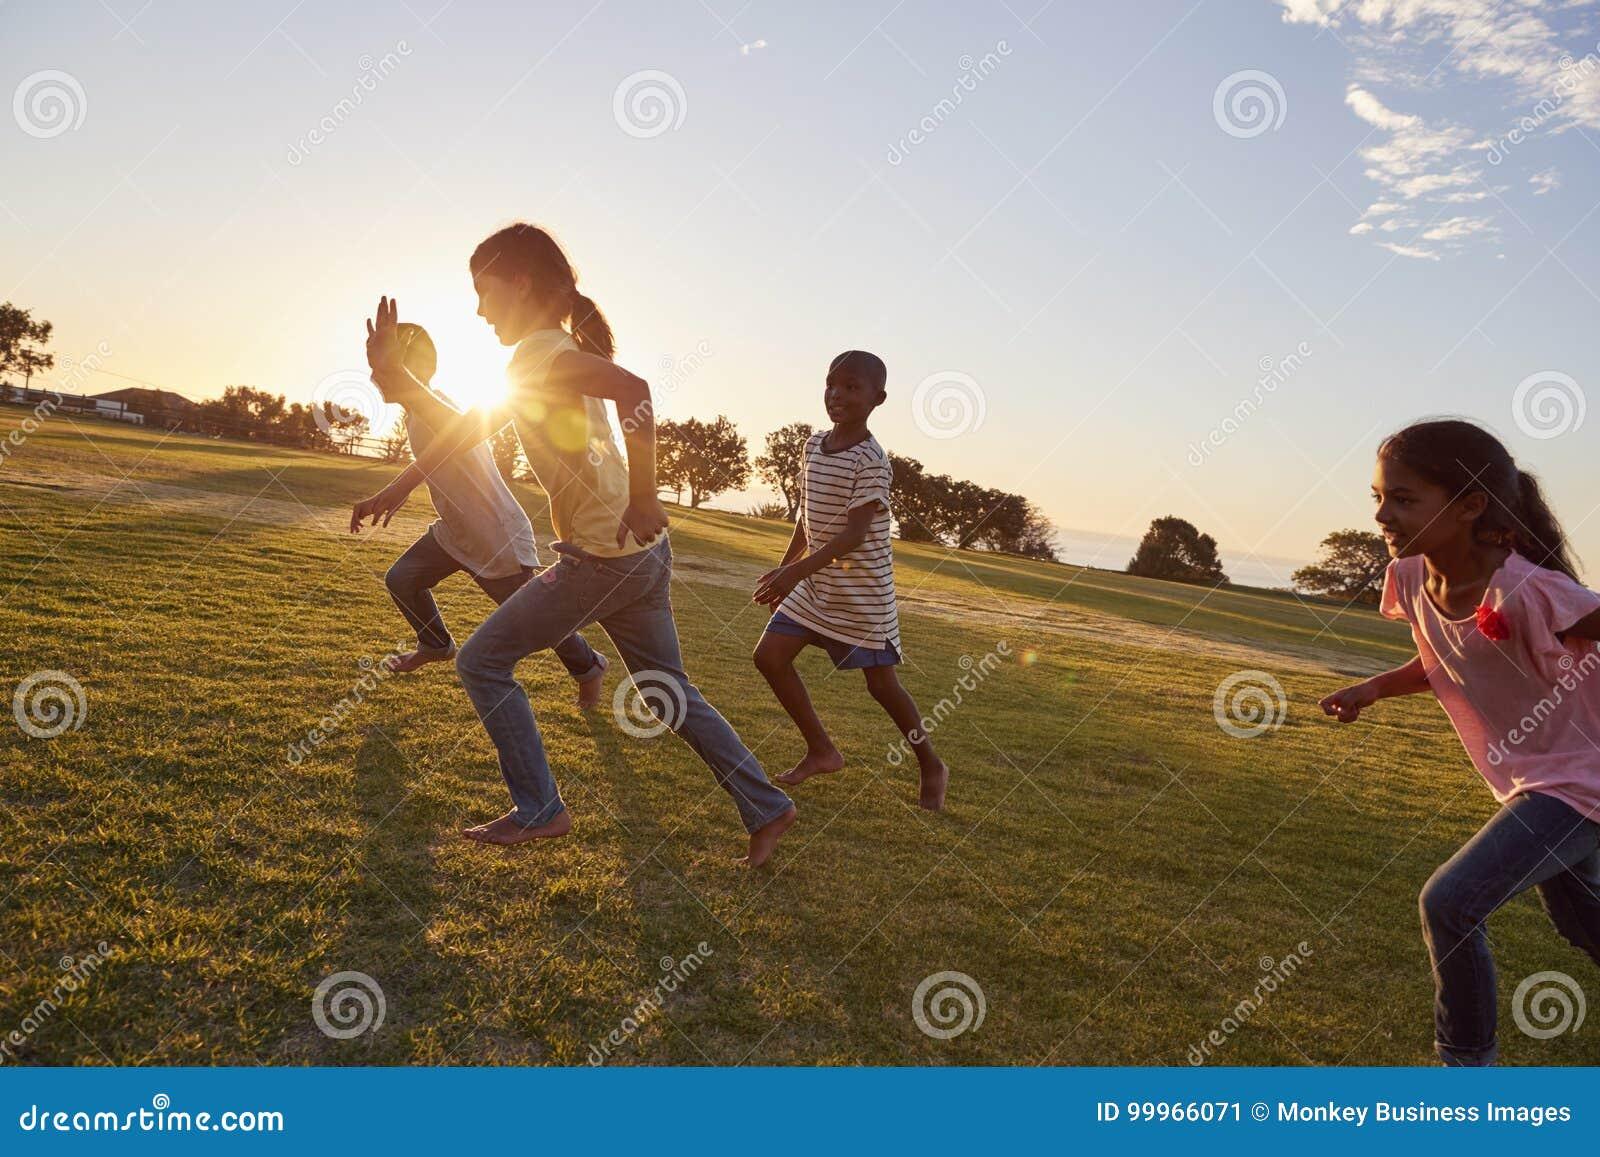 Quattro bambini che corrono a piedi nudi in salita in un parco